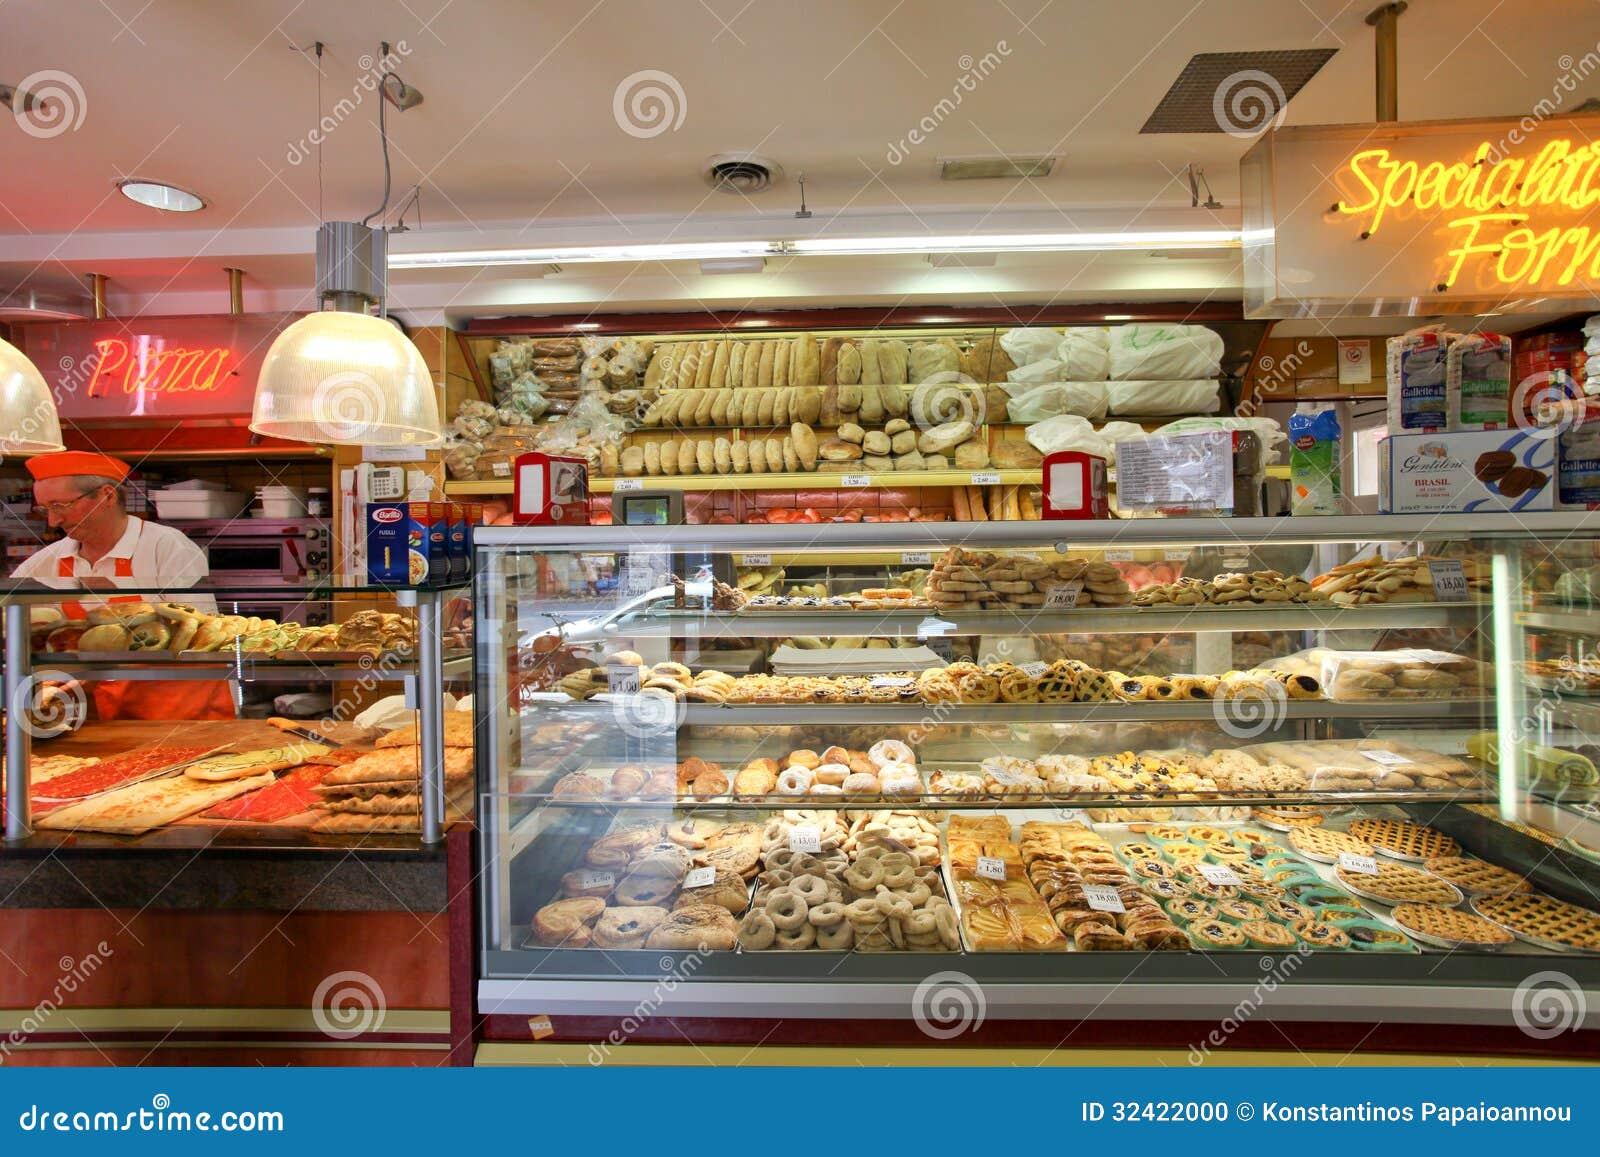 意大利面包店商店